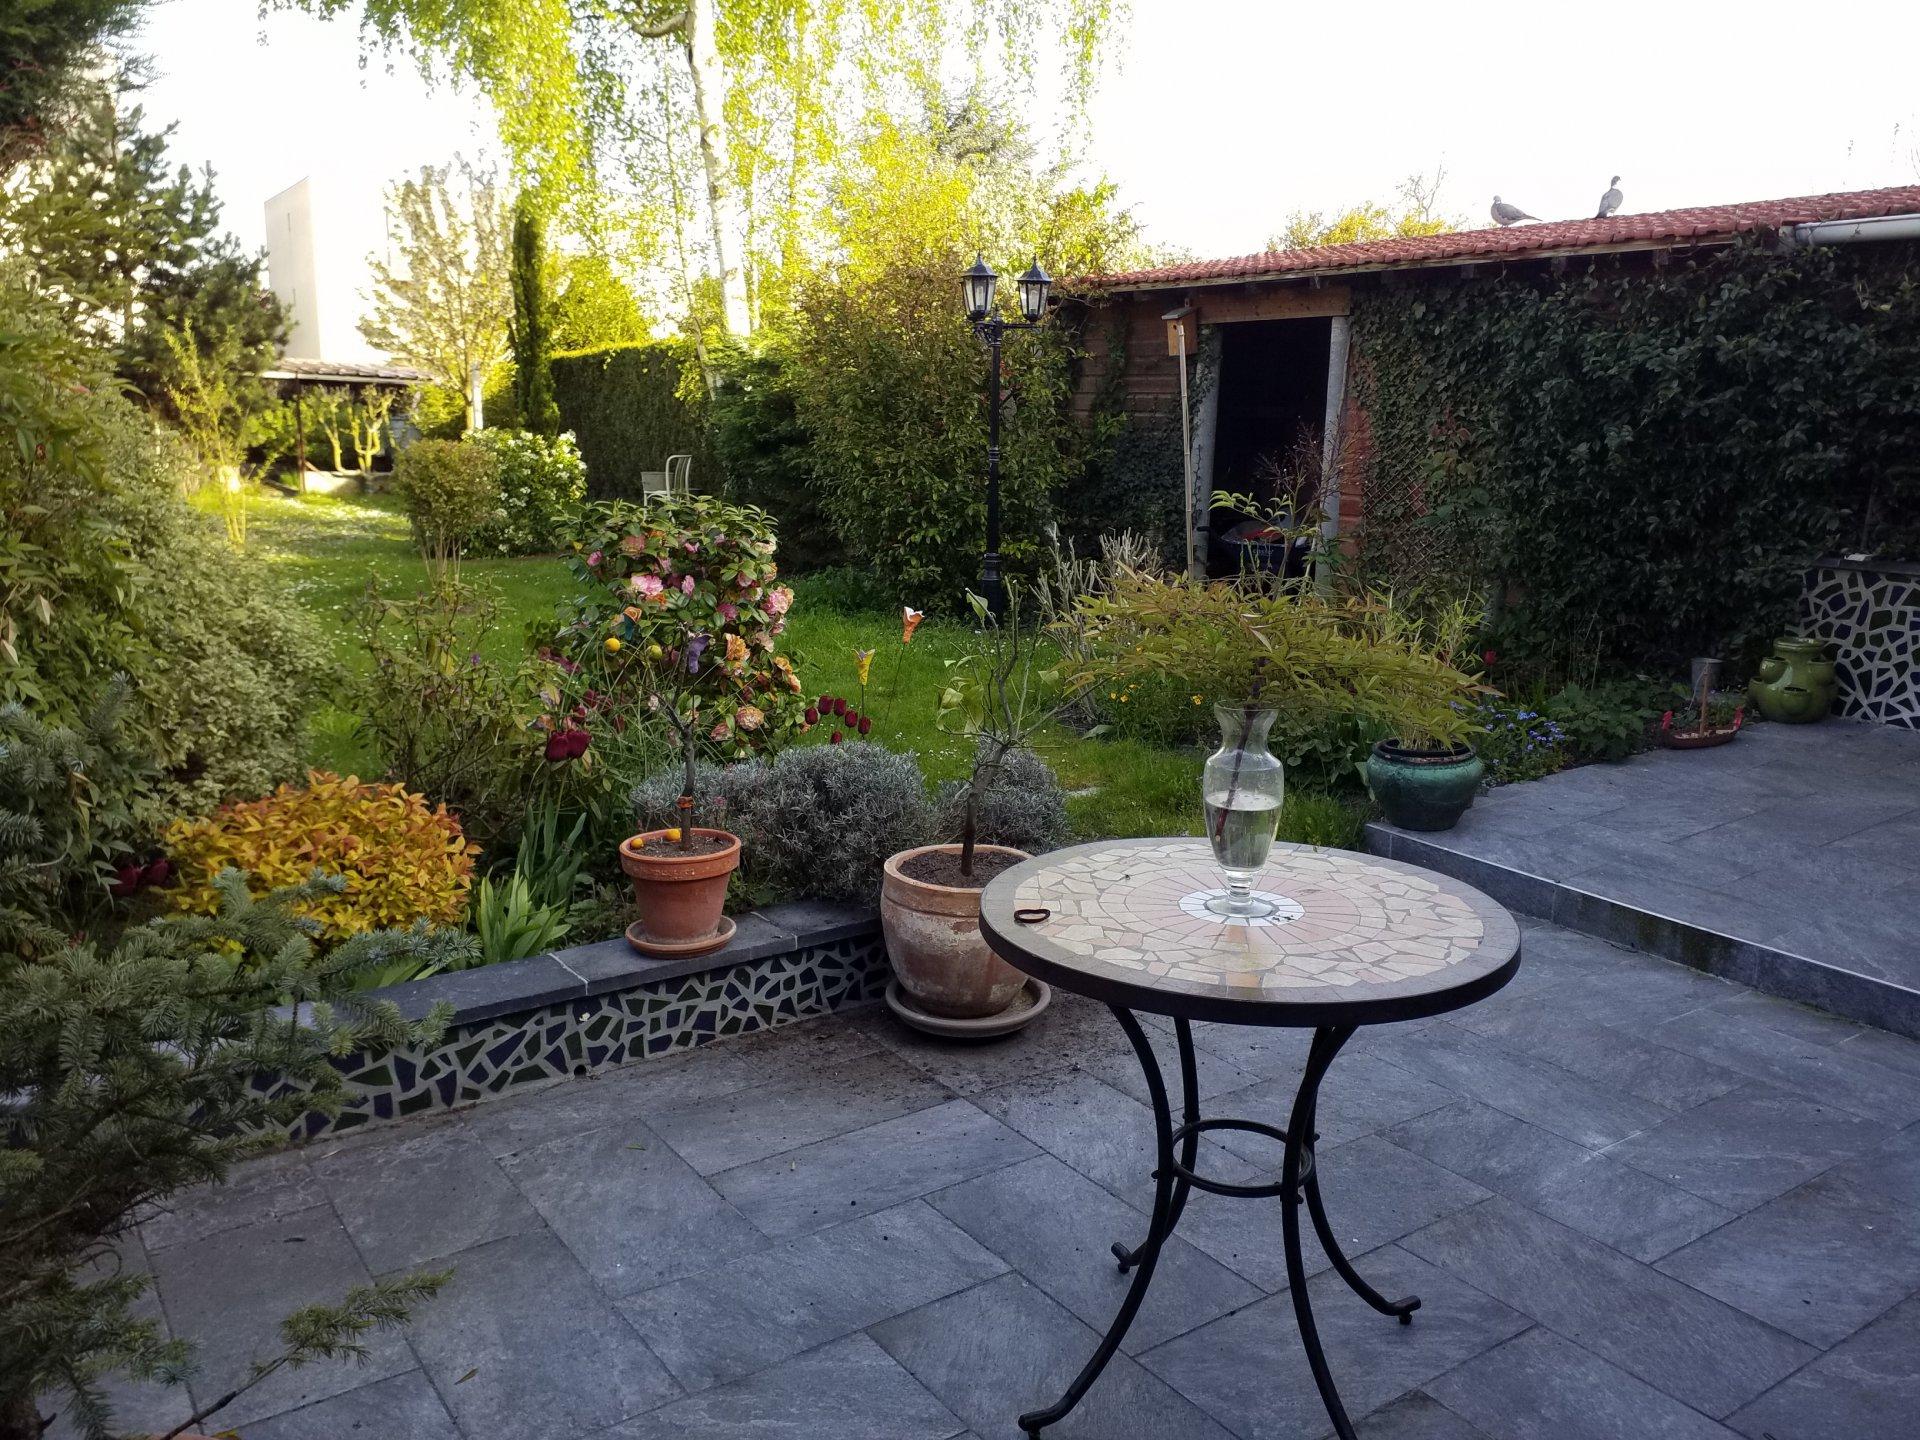 Bel maison proche de toutes commodités à Montataire